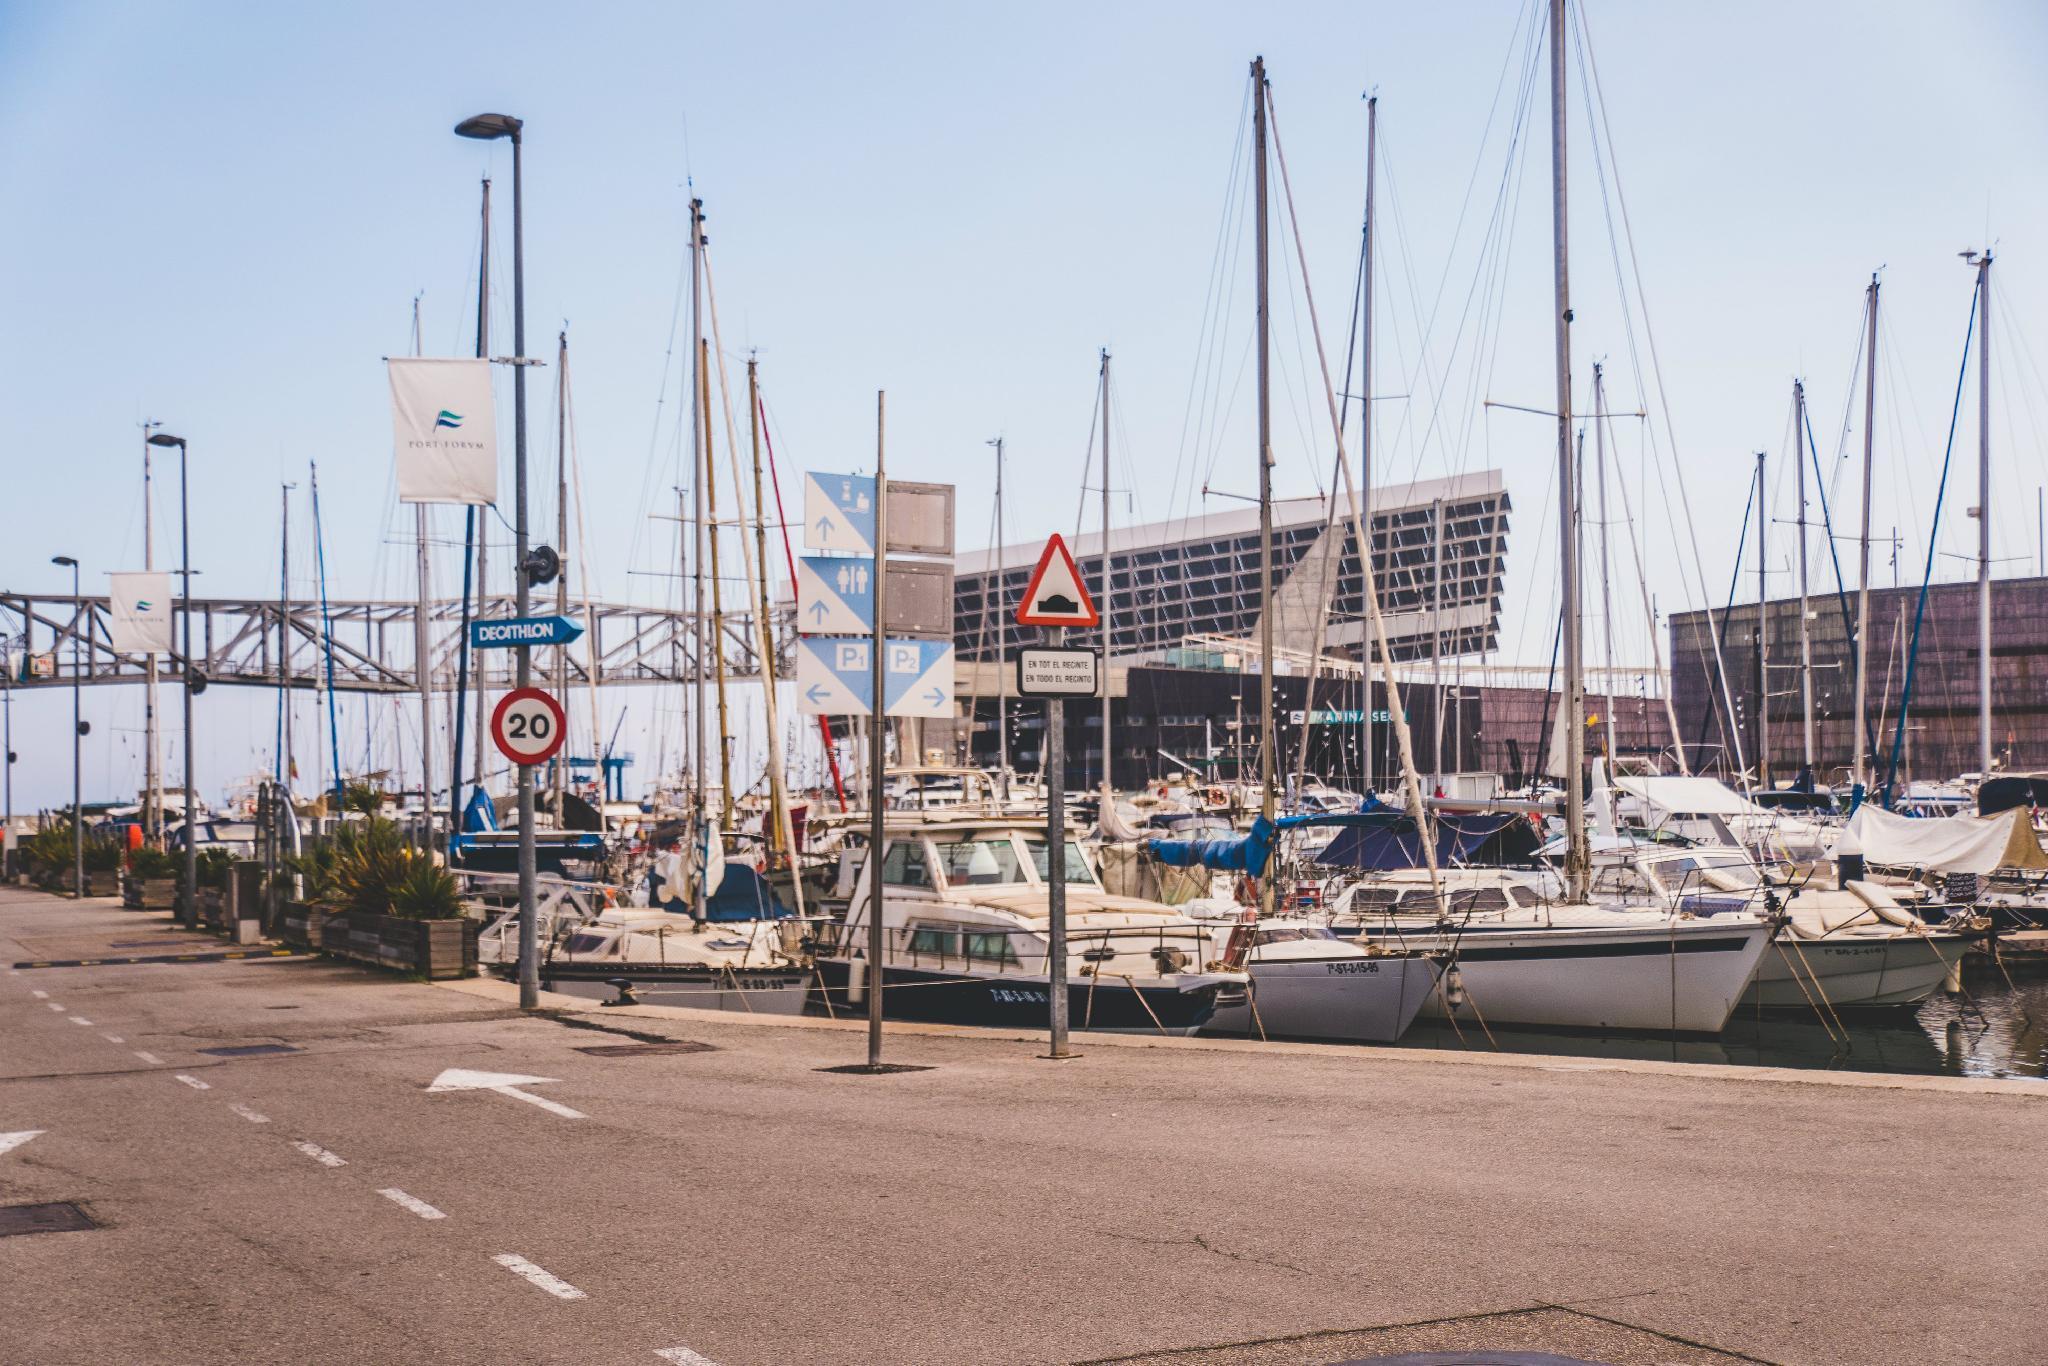 Motor Yacht Boatel Bunk Cabin B&B